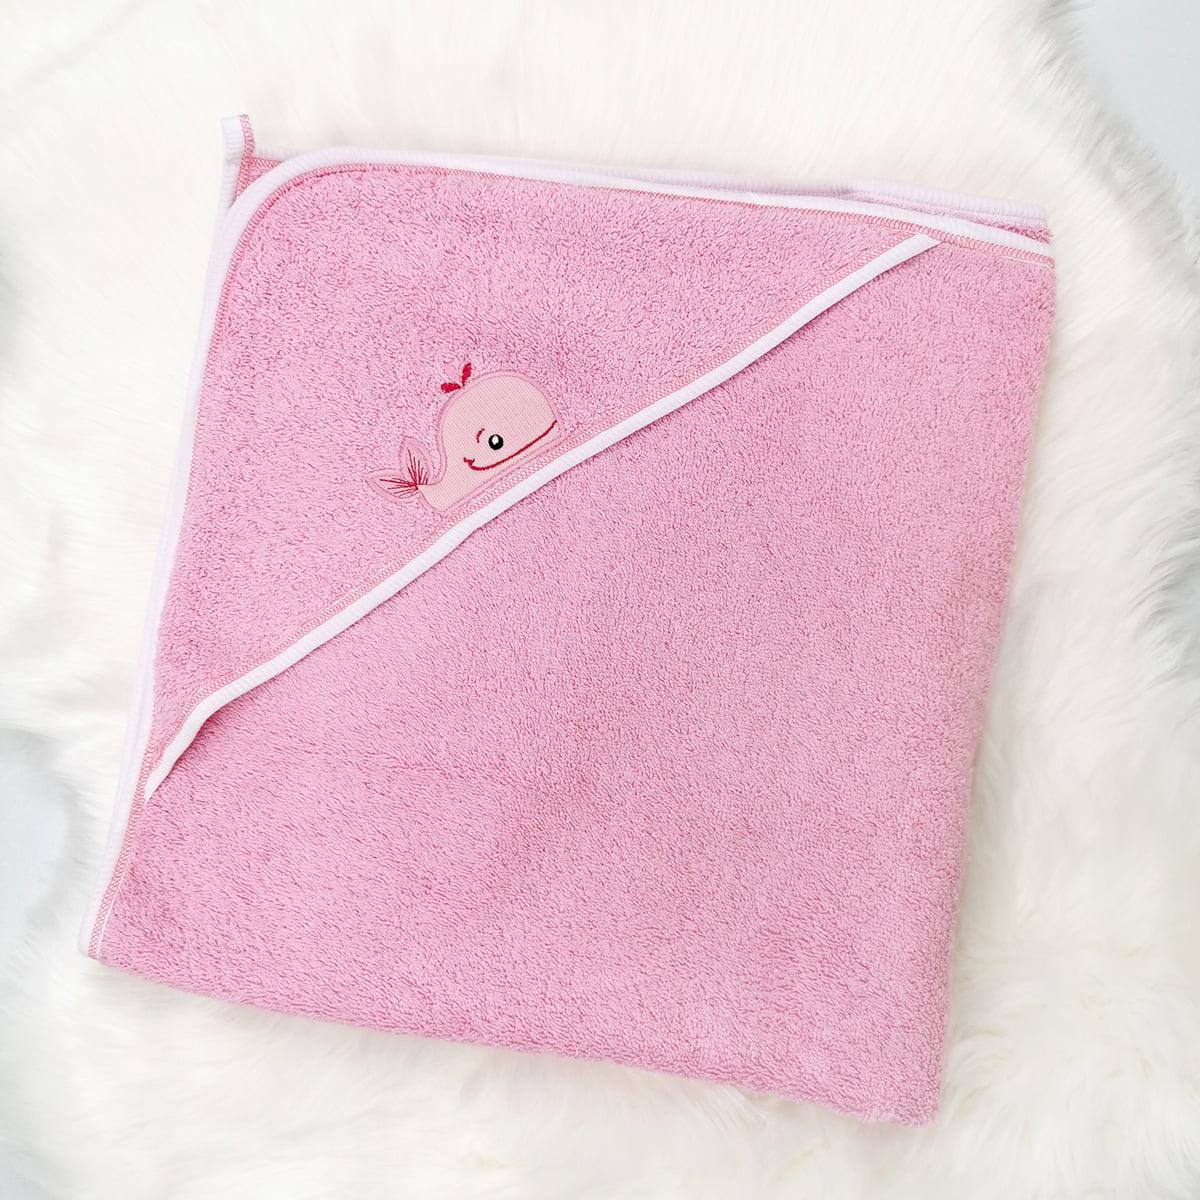 rozi ručnik ogrtač za bebe